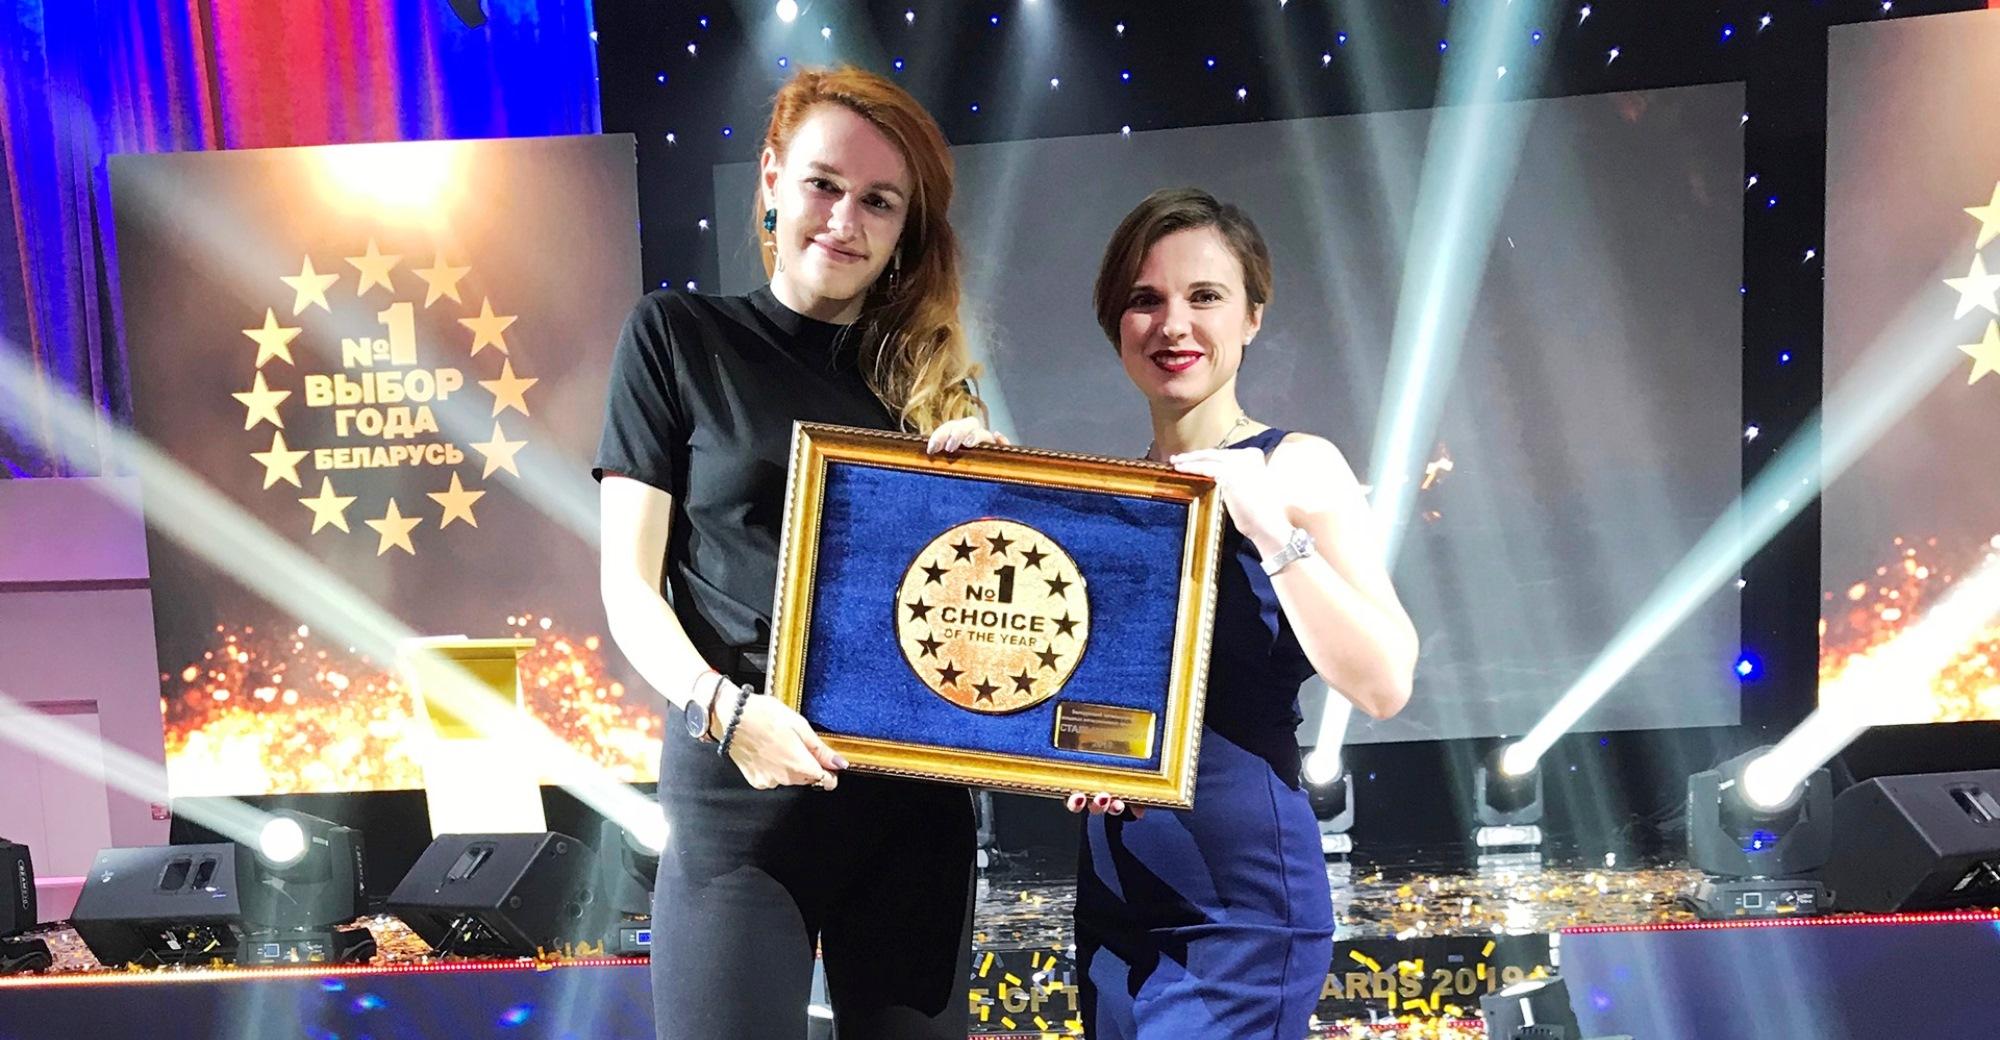 Белорусская компания-производитель входных дверей «Стальная линия» одержала победу в республиканском конкурсе «Выбор года», примечательно, что это уже вторая такая награда в истории компании.